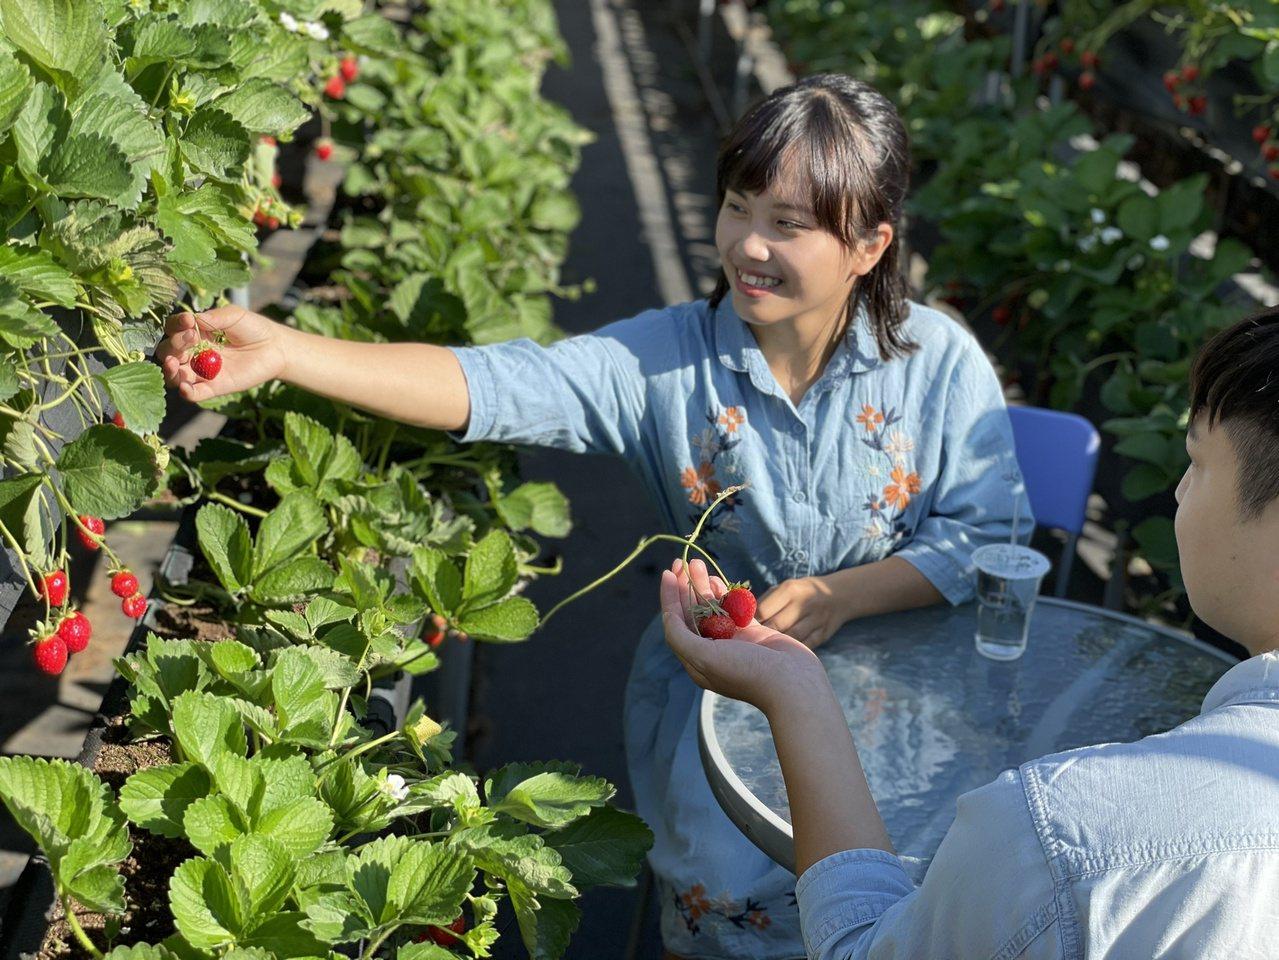 年假苗栗縣大湖採草莓夯,公路總局出「大湖採草莓攻略」供參考。 圖/本報資料照片